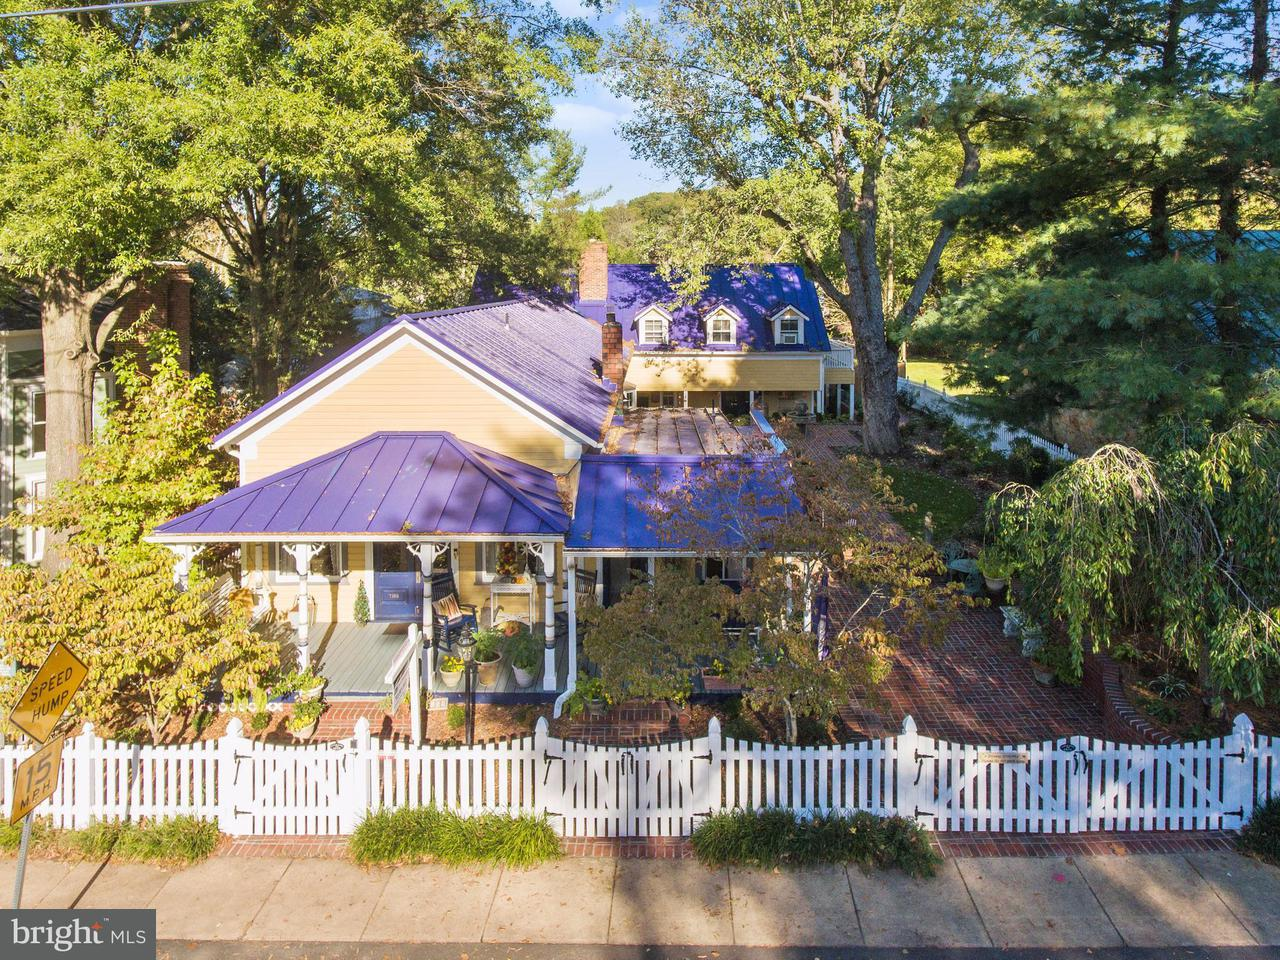 Μονοκατοικία για την Πώληση στο 7153 MAIN Street 7153 MAIN Street Clifton, Βιρτζινια 20124 Ηνωμενεσ Πολιτειεσ